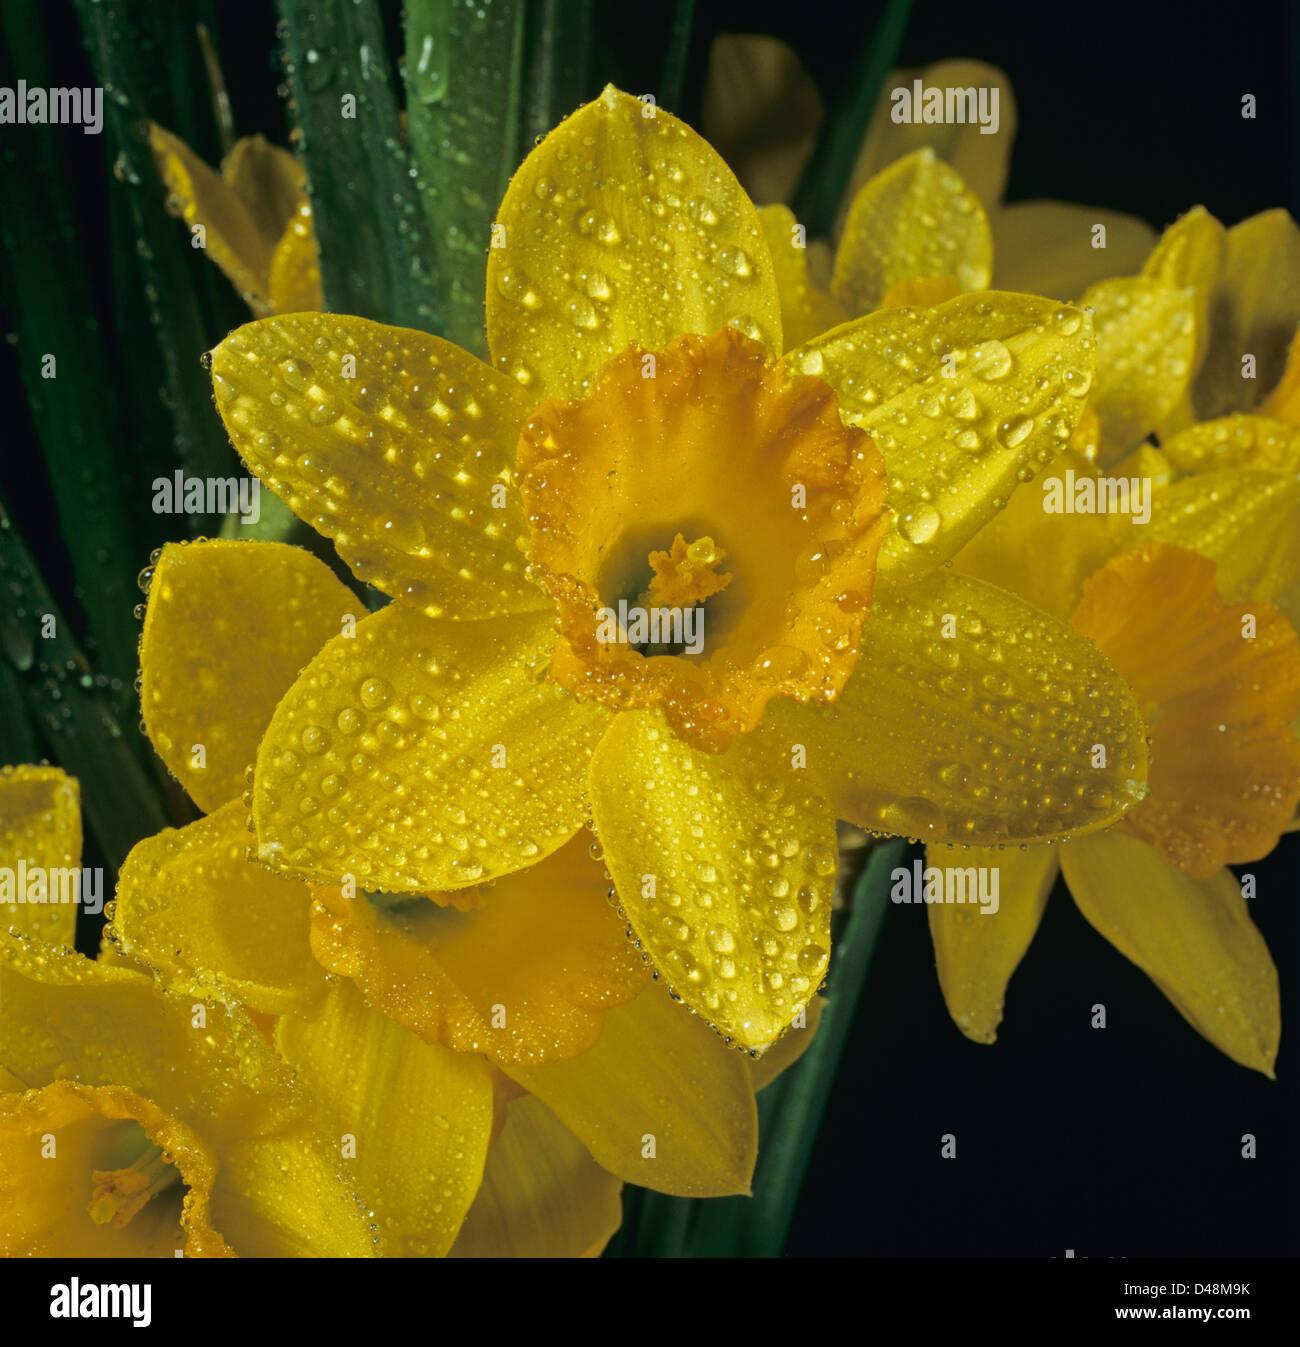 Dewy gotas de agua sobre un narciso amarillo, Narciso, flor Imagen De Stock